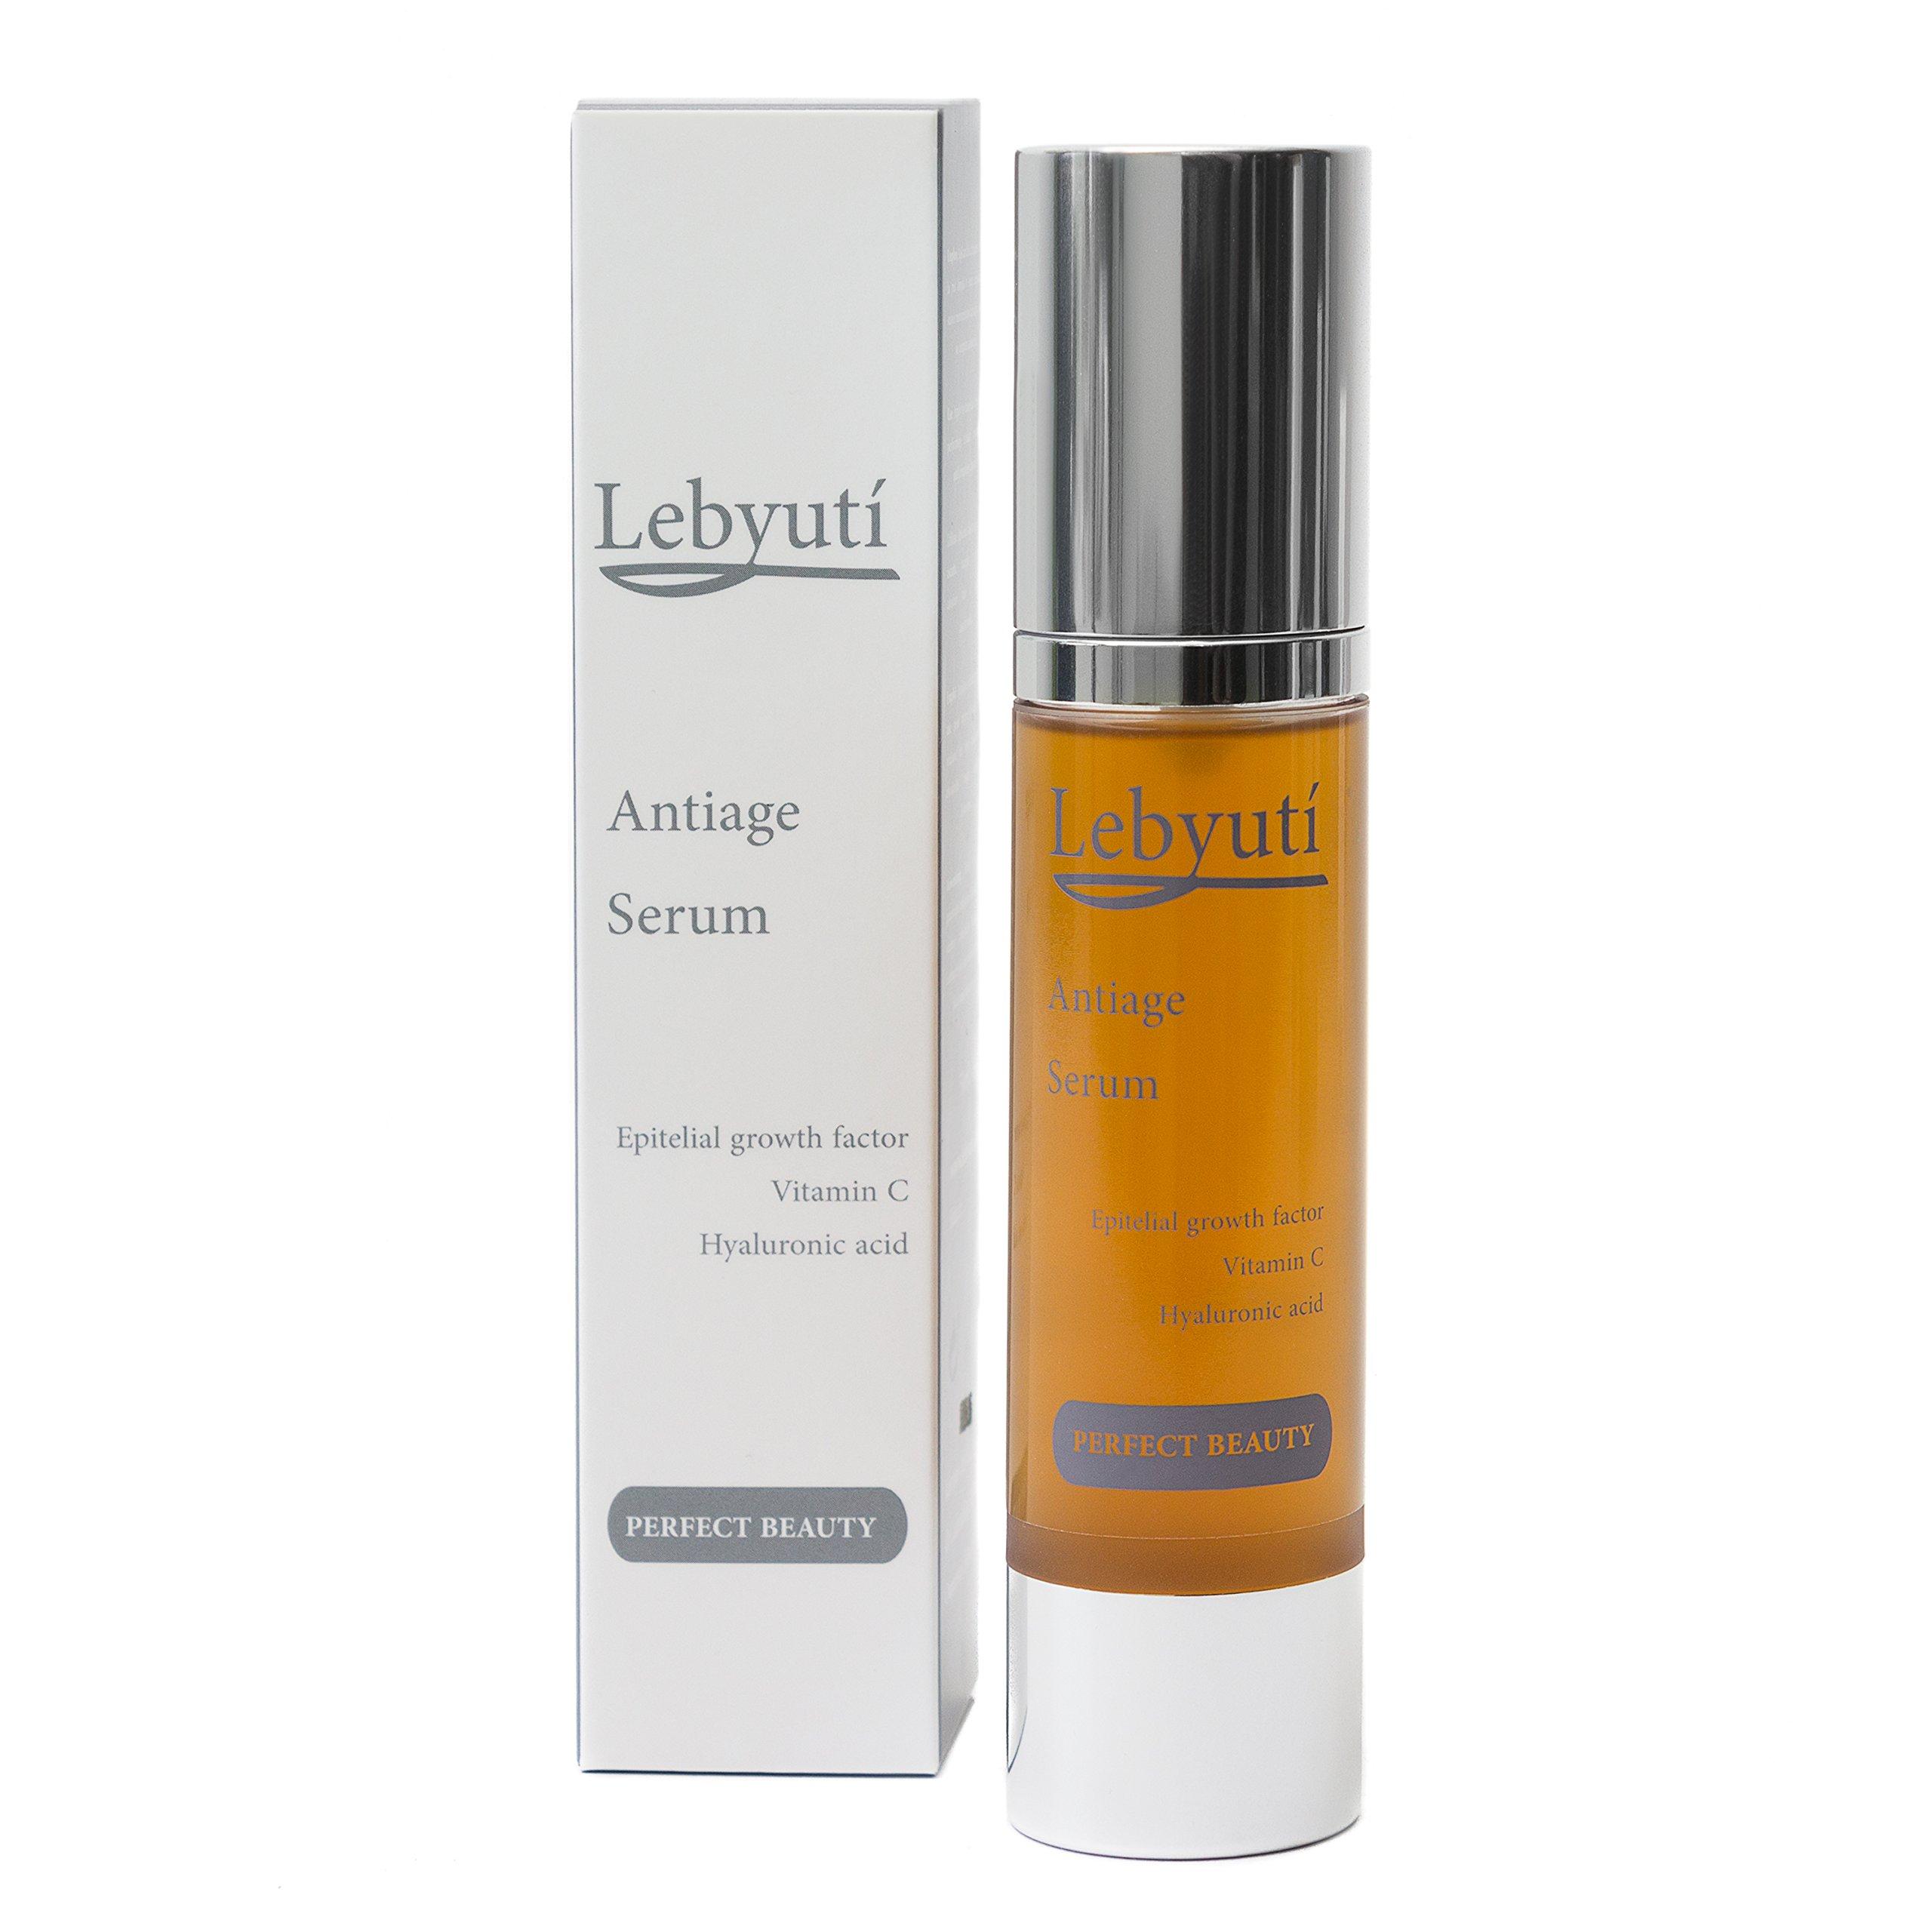 LEBYUTÍ Serum facial antiarrugas. Serum hidratante efecto lifting con ácido hialurónico, vitamina C, colágeno, açaí y té…